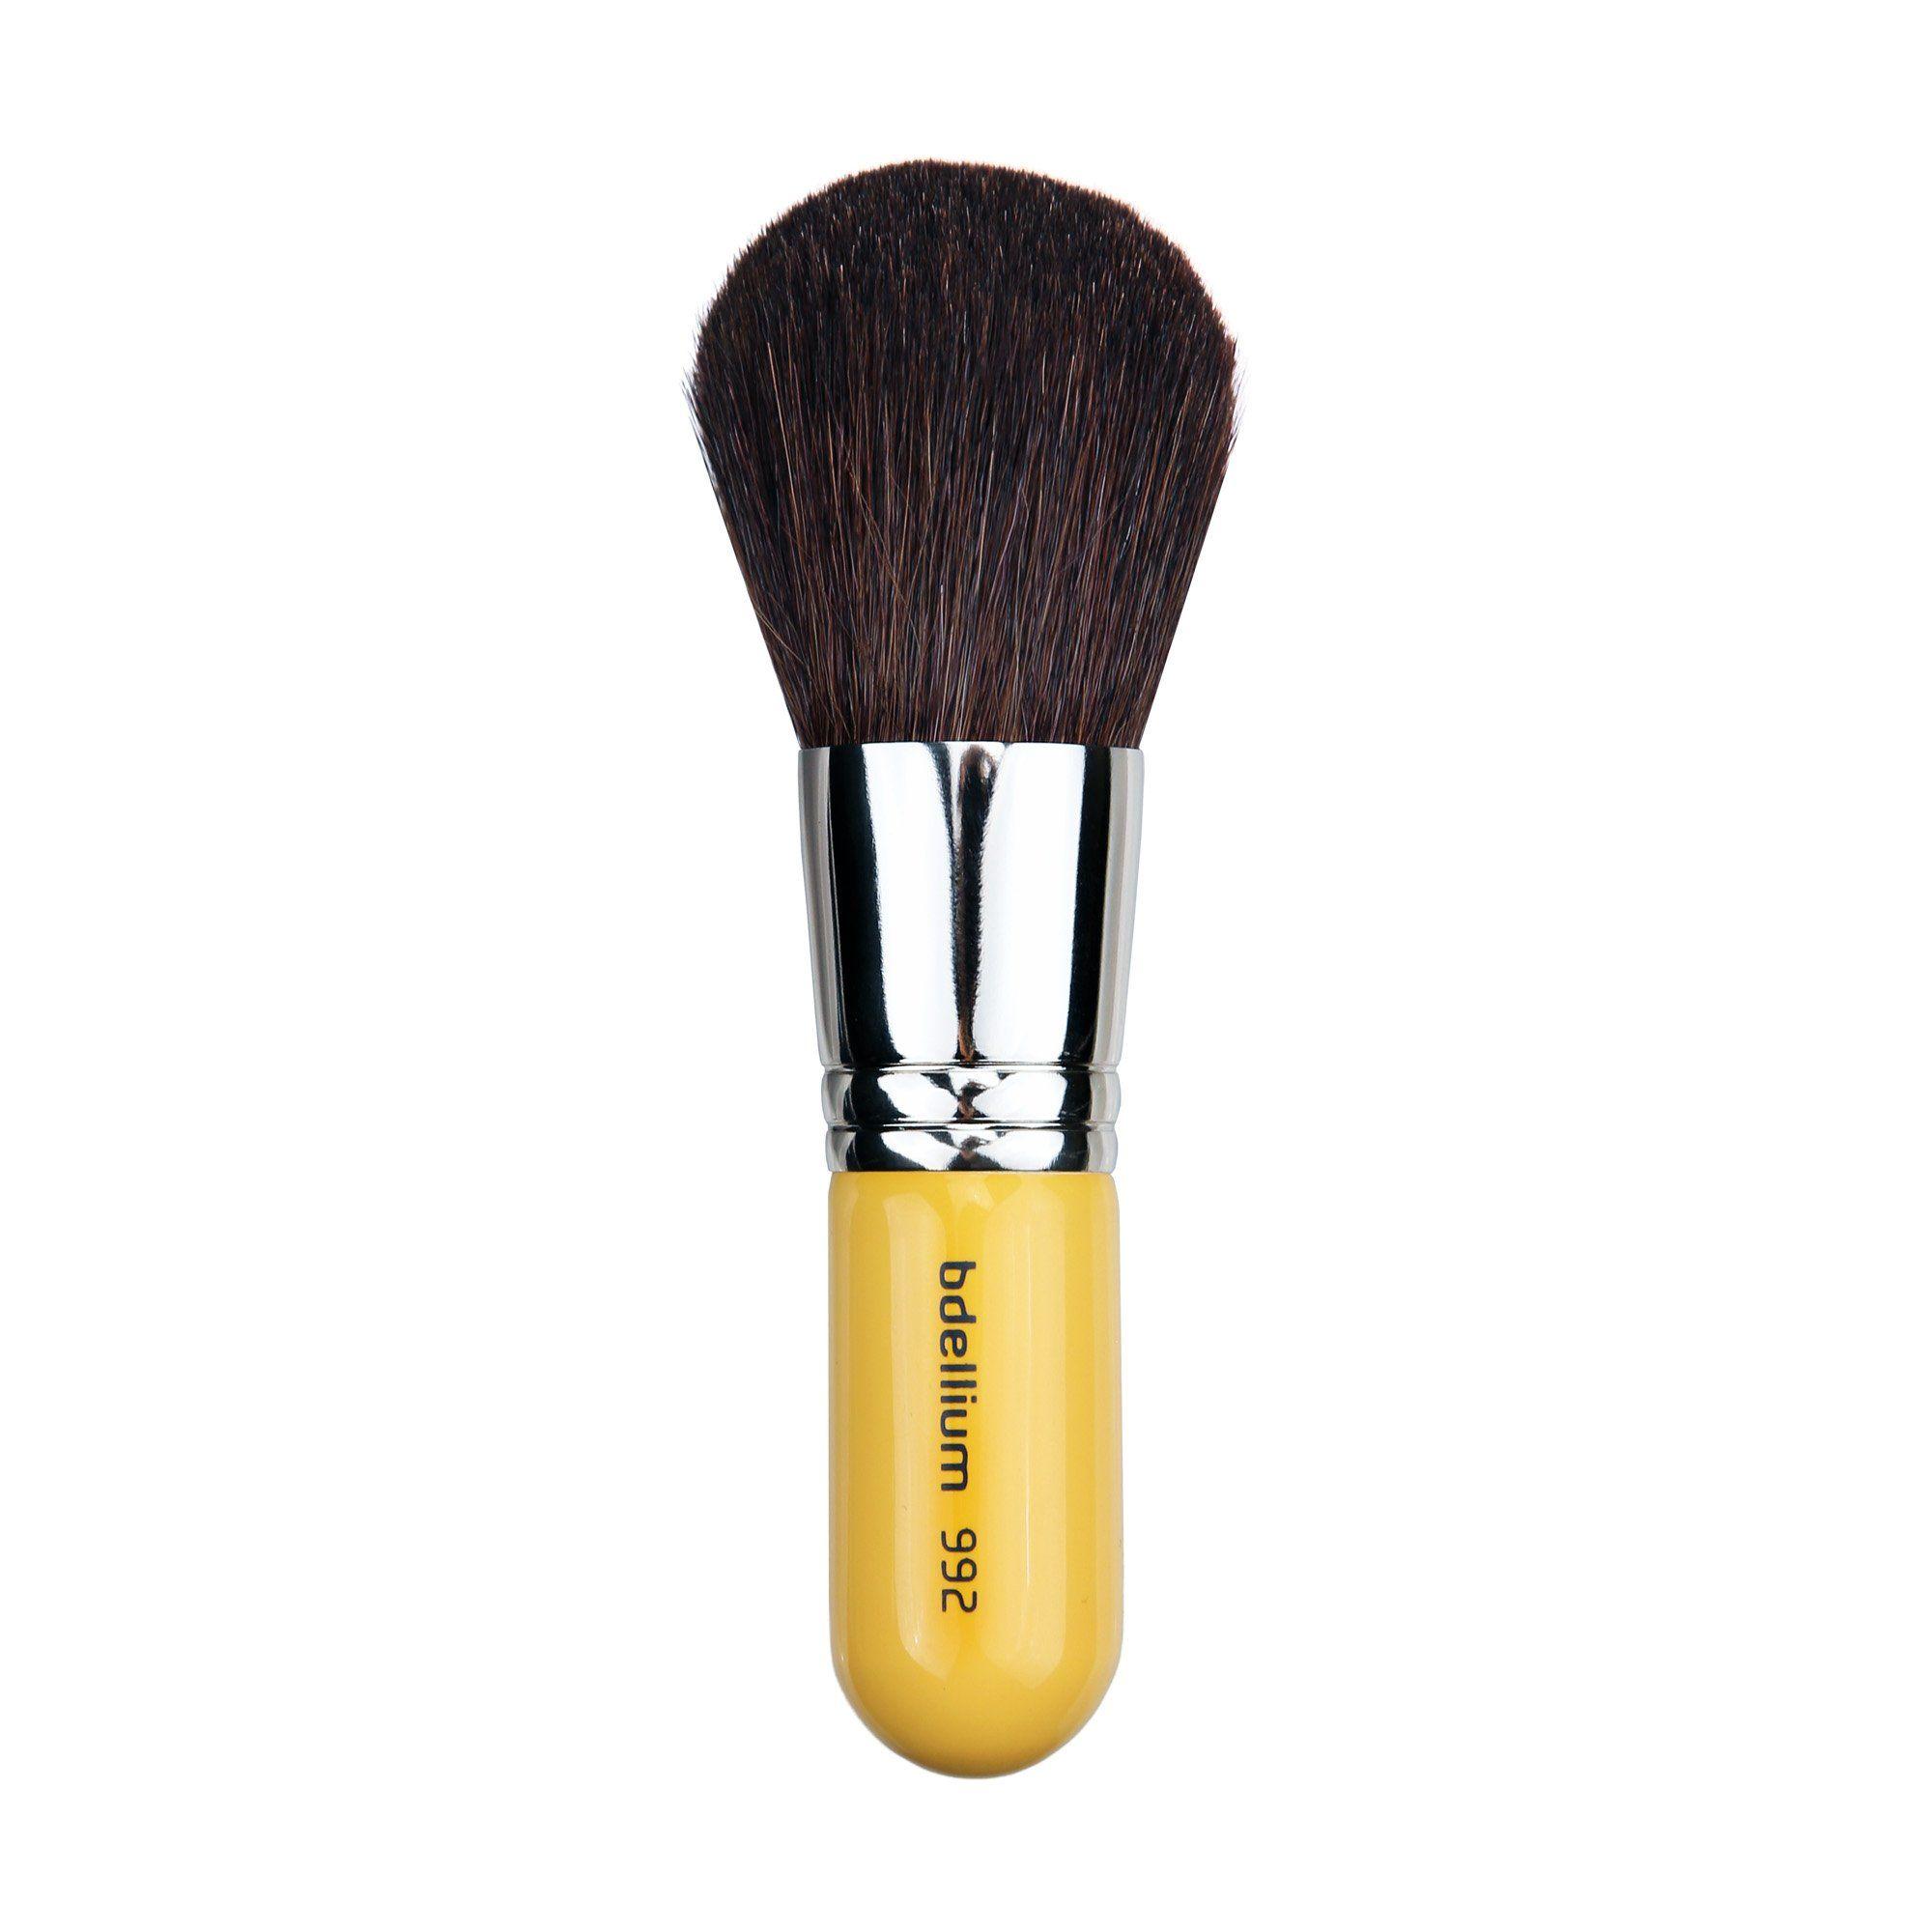 Bdellium Tools Travel Line Yellow Bronzer Brush. Hand